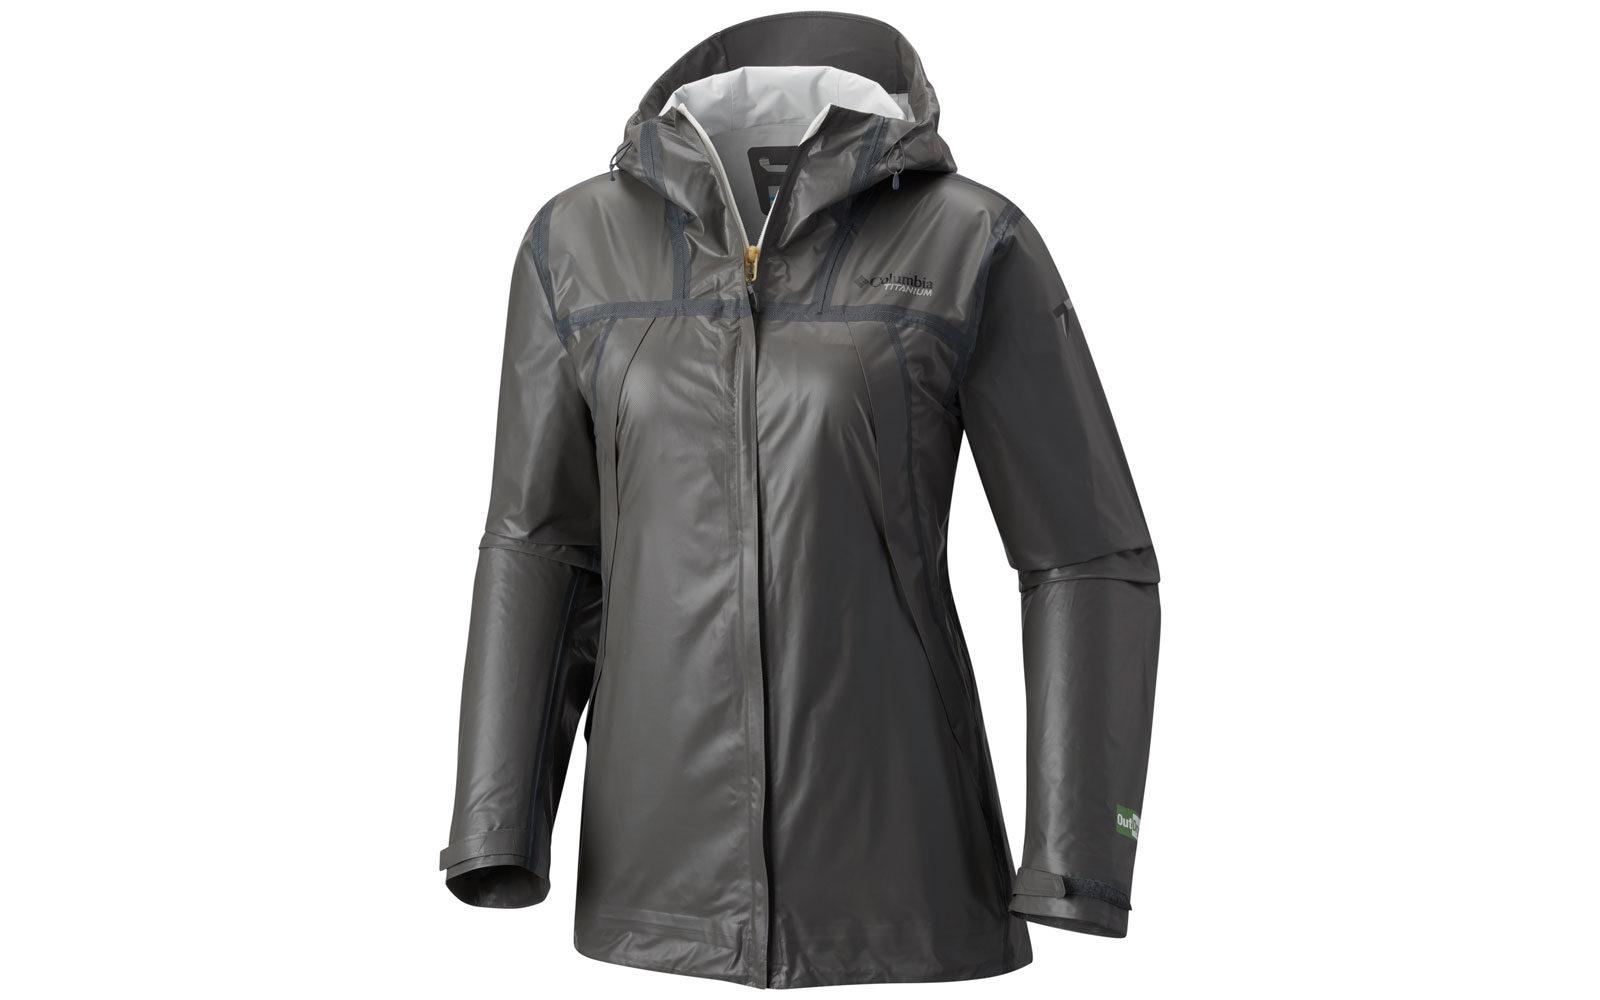 Columbia Outrdy Ex Eco Tech Shell, una giacca ecologica in tessuto riciclato, con membrana esterna waterproof e pigmenti vegetali ricavati dal bambù, euro 199,95